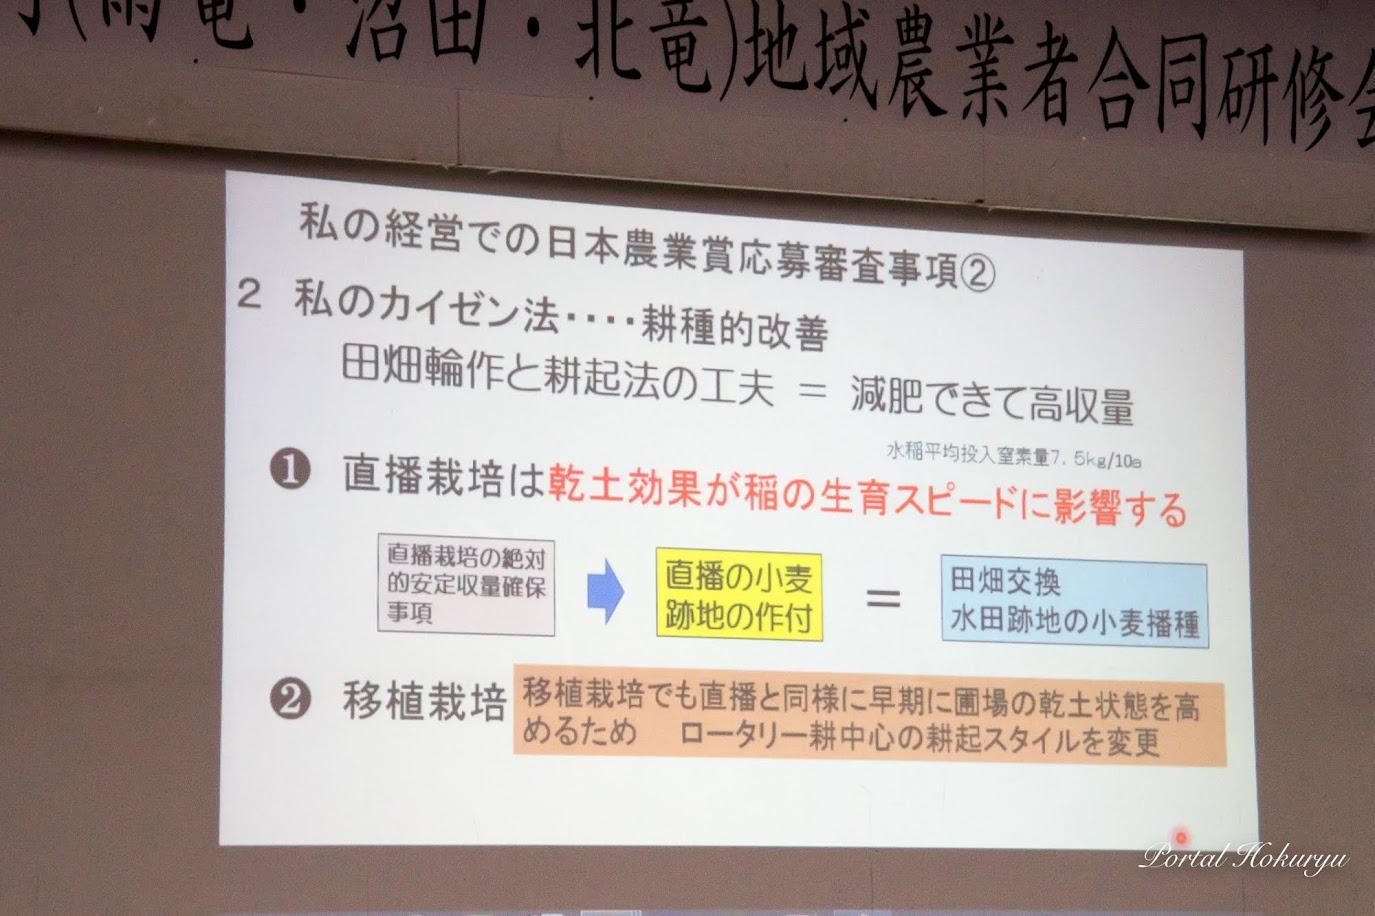 私の経営での日本農業賞応募審査事項(2)